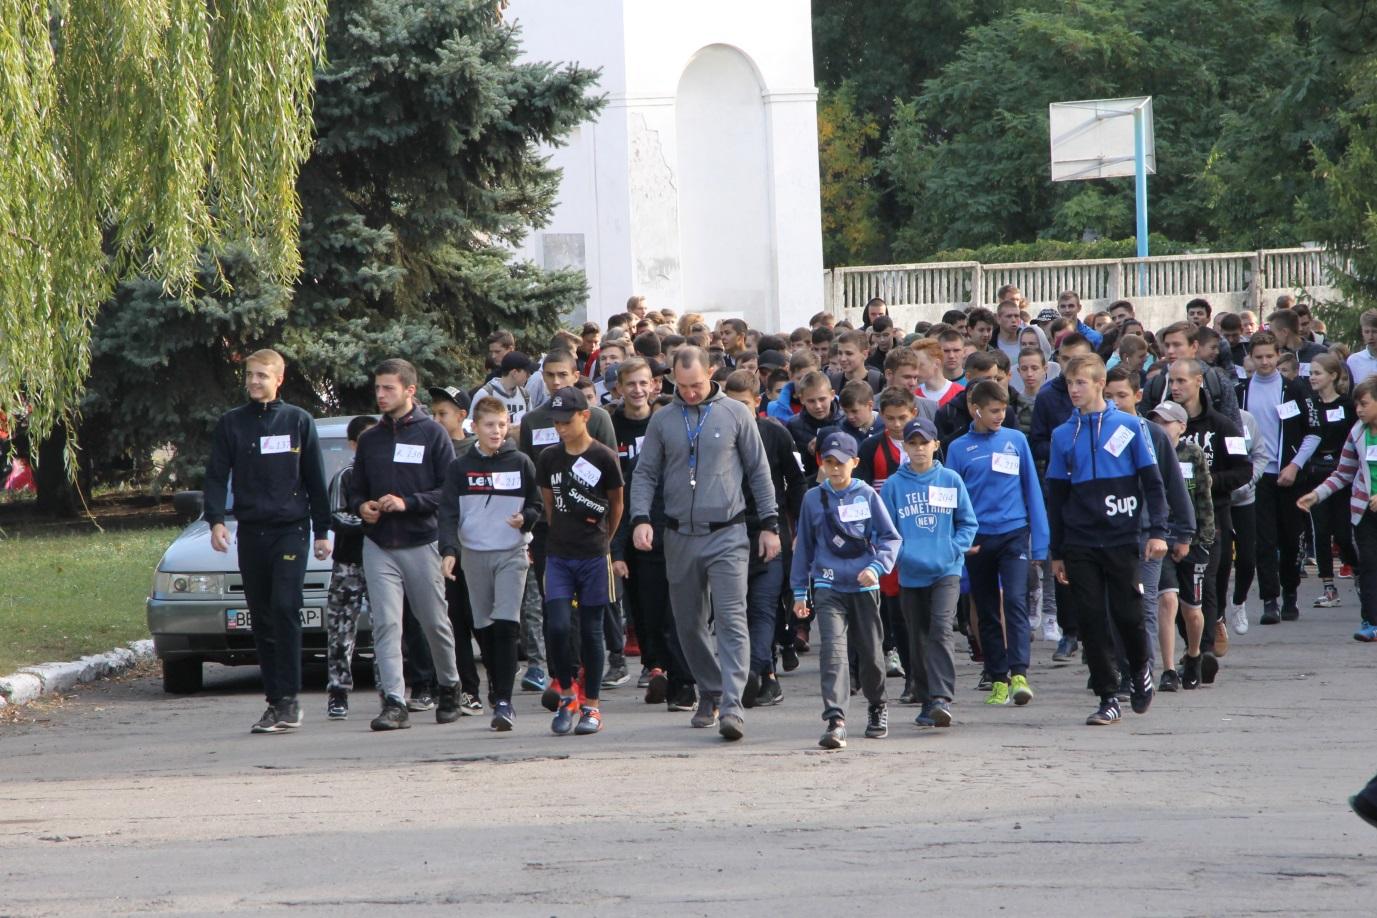 В Антраците состоялась пробежка в рамках всероссийской акции «Беги за мной» 1